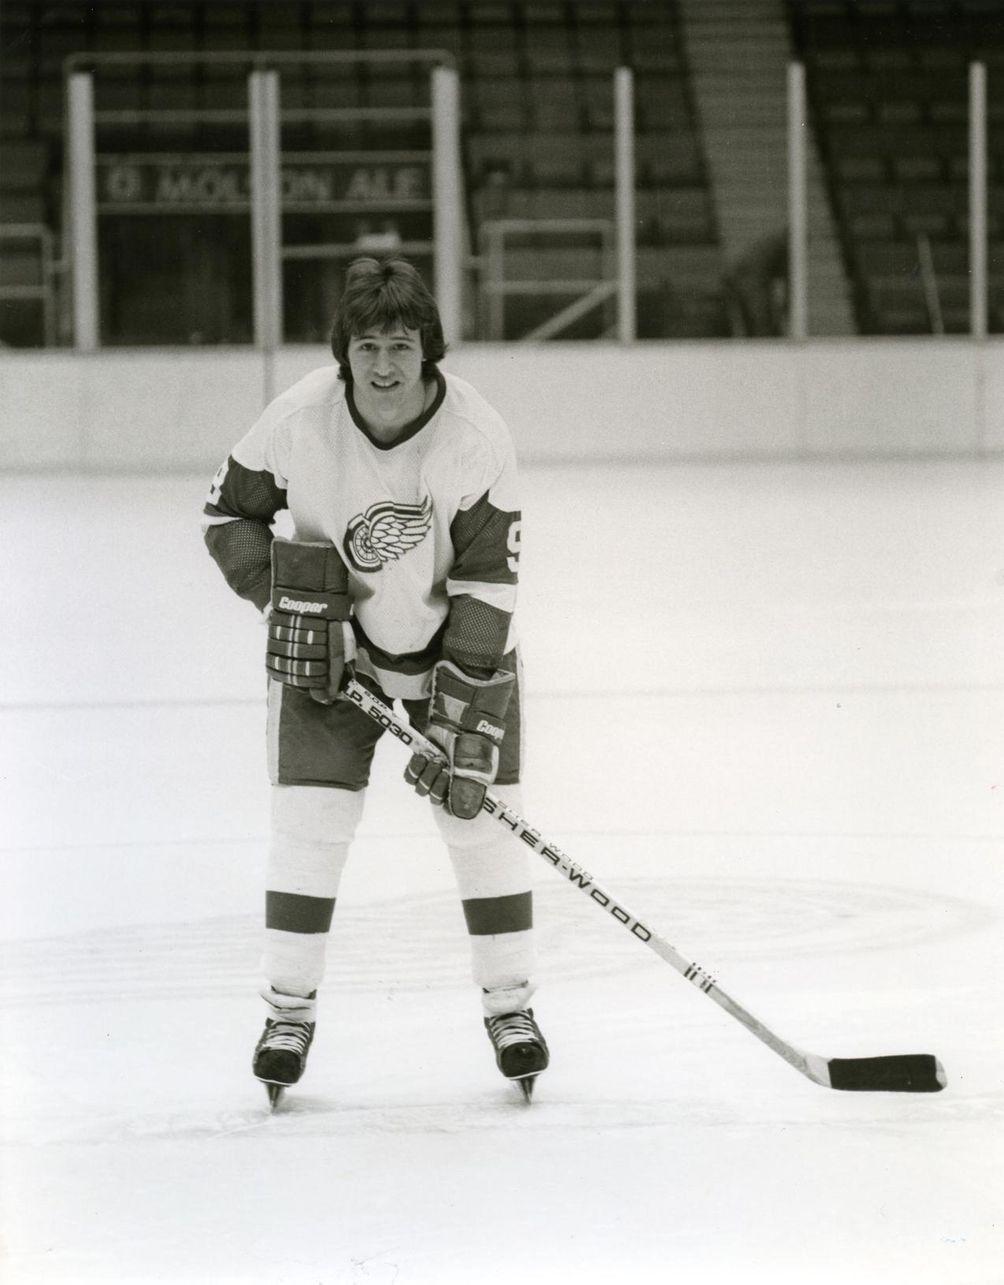 Hometown: Long Island Teams: Rockies (1980-81), Red Wings